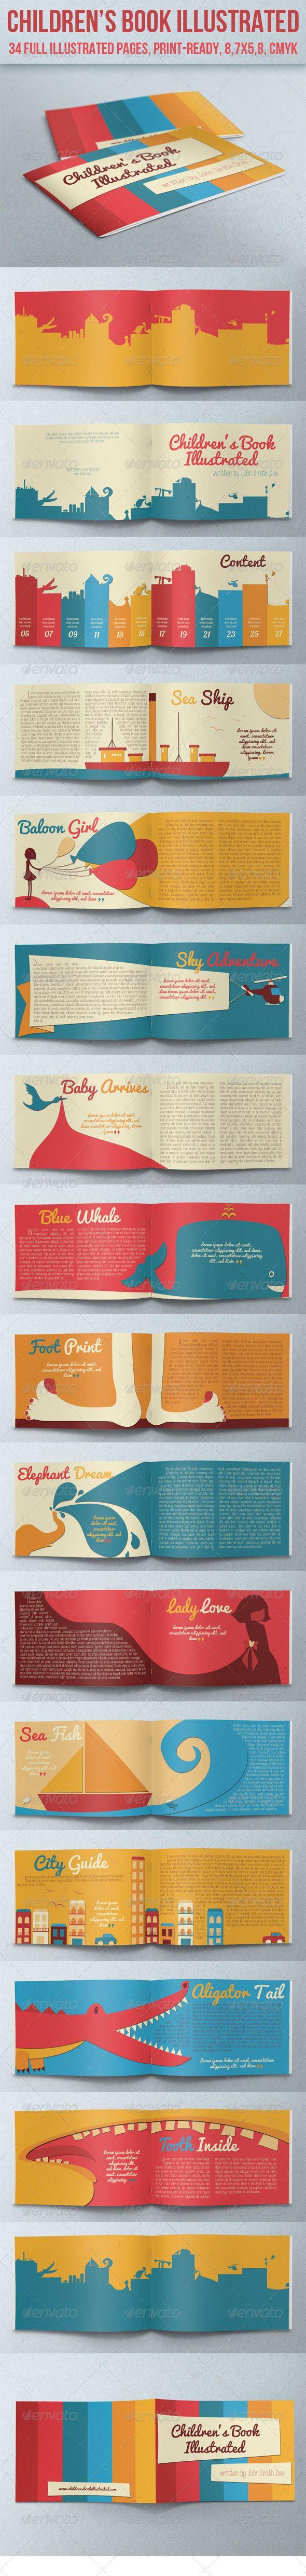 Children's Book Illustrated | GraphicRiver